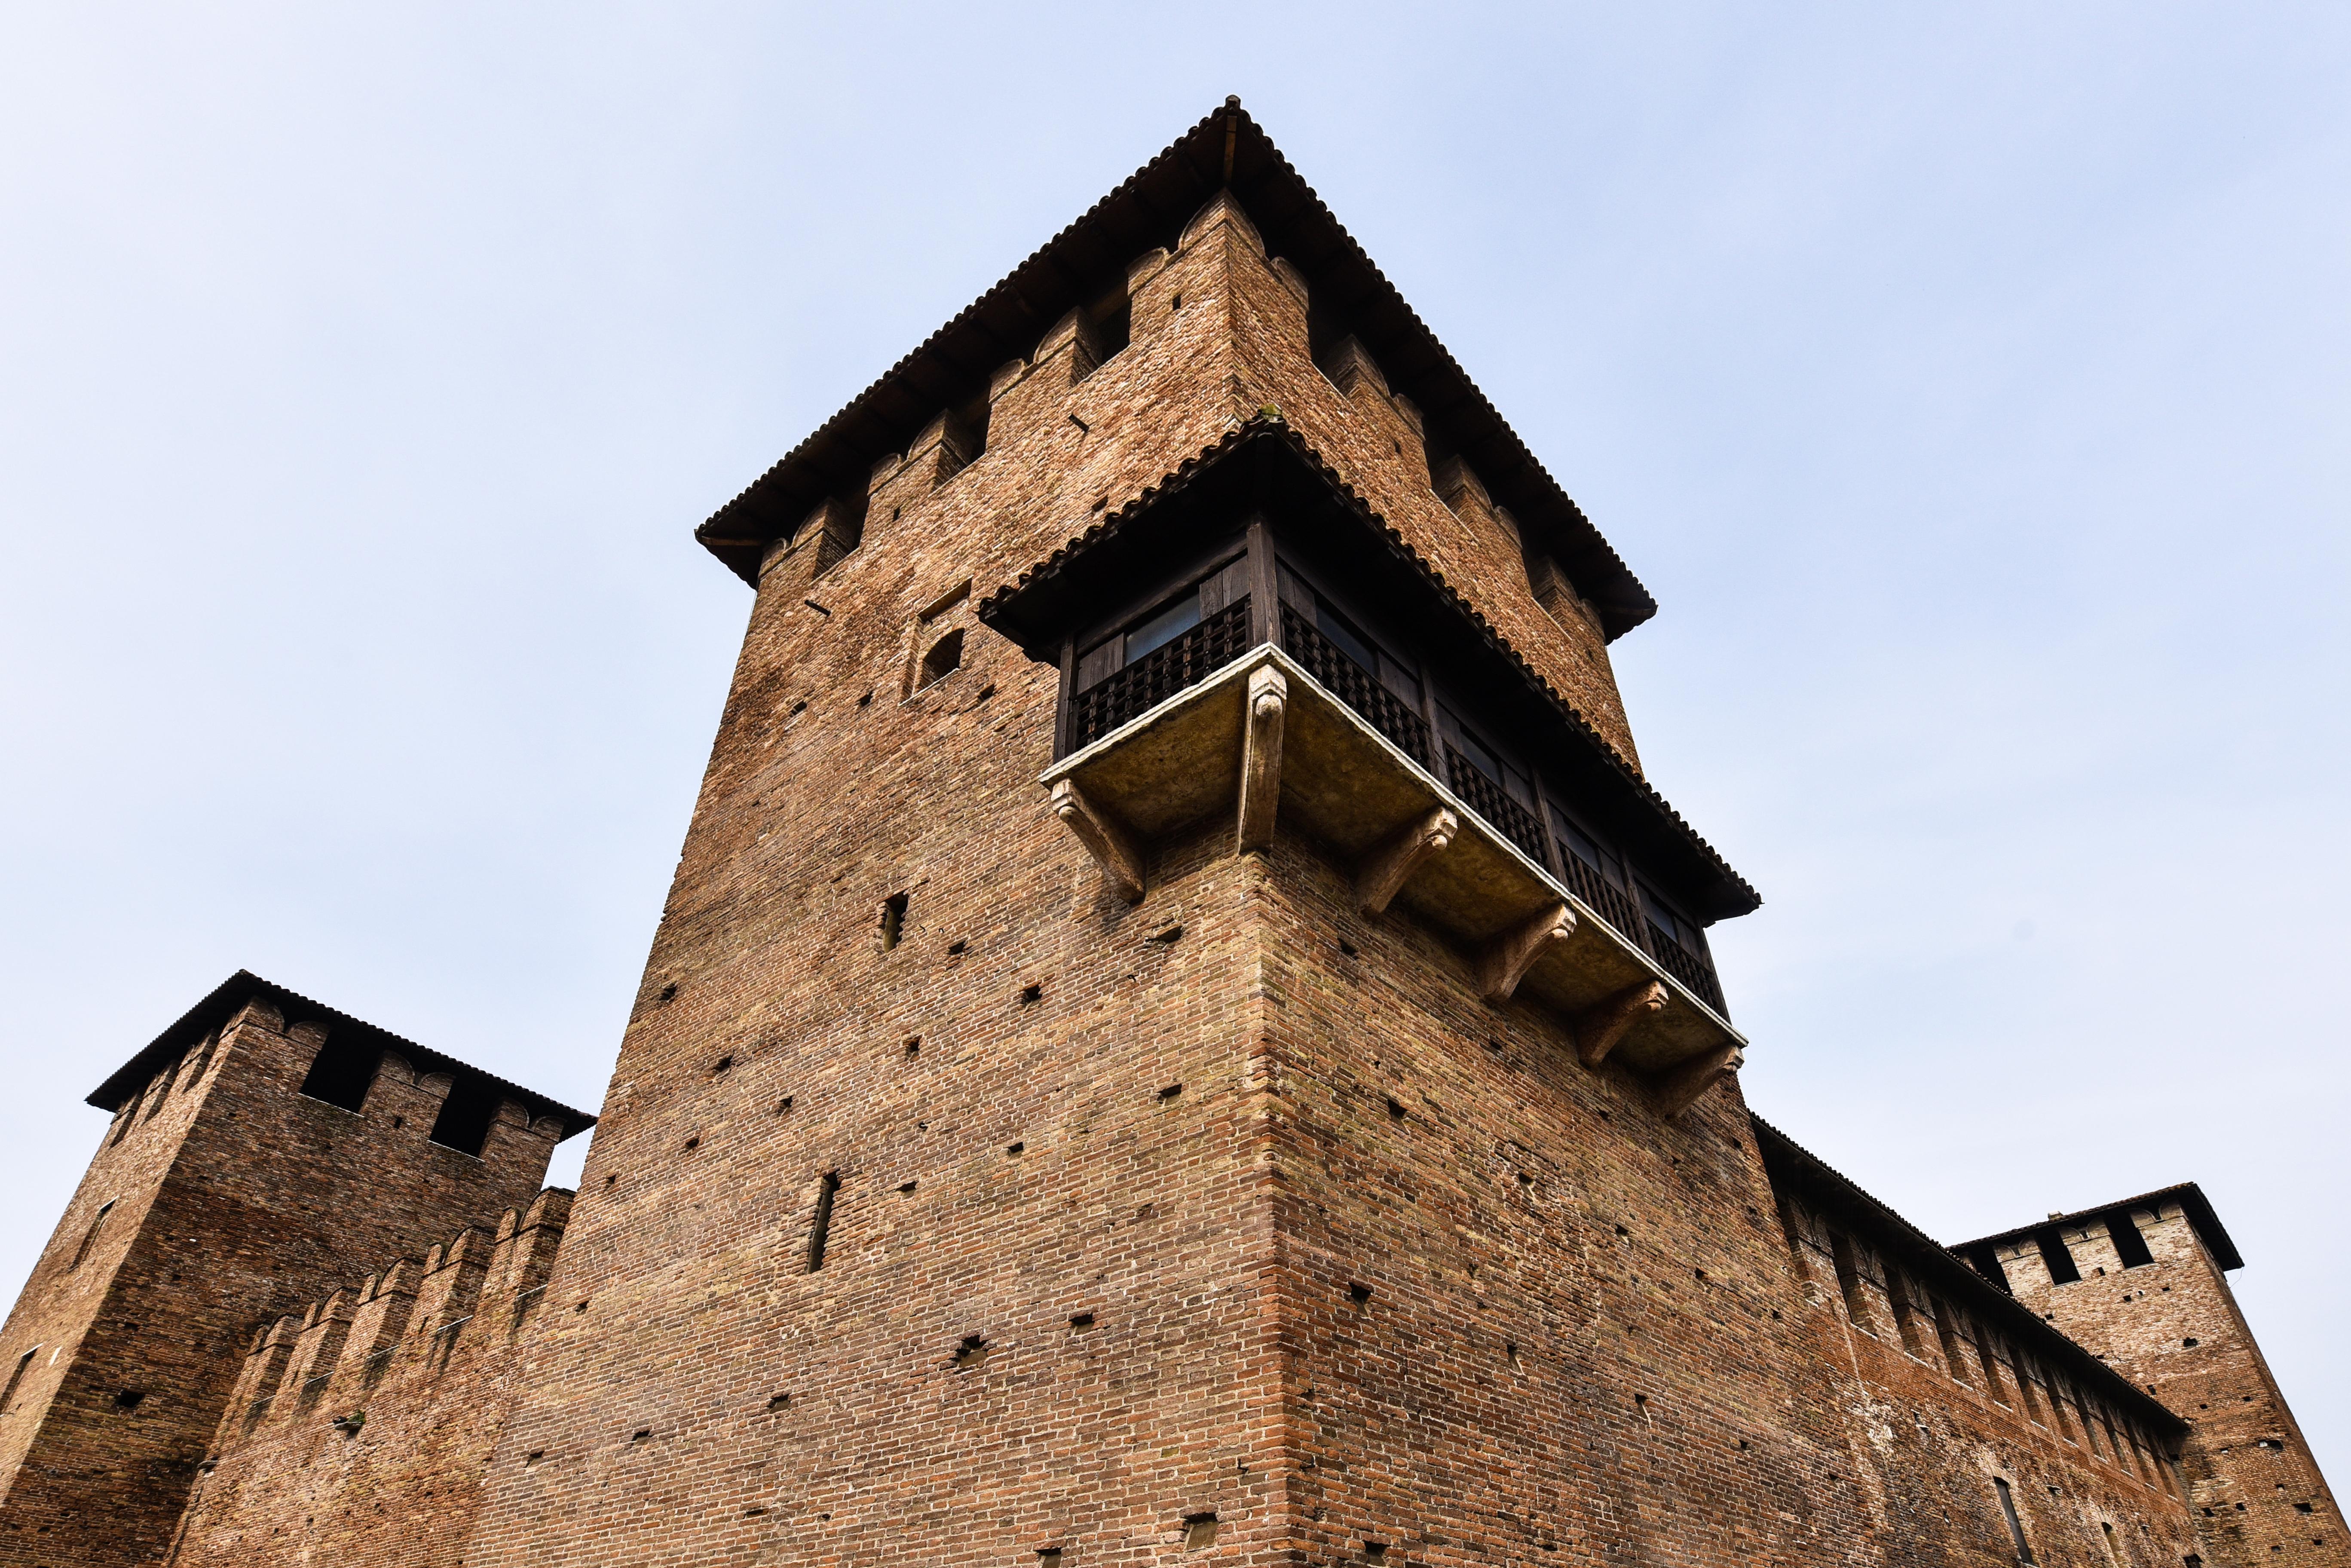 Museo Di Castelvecchio.File Museo Di Castelvecchio Wikigita Verona 22 09 2018 Pim2708 Jpg